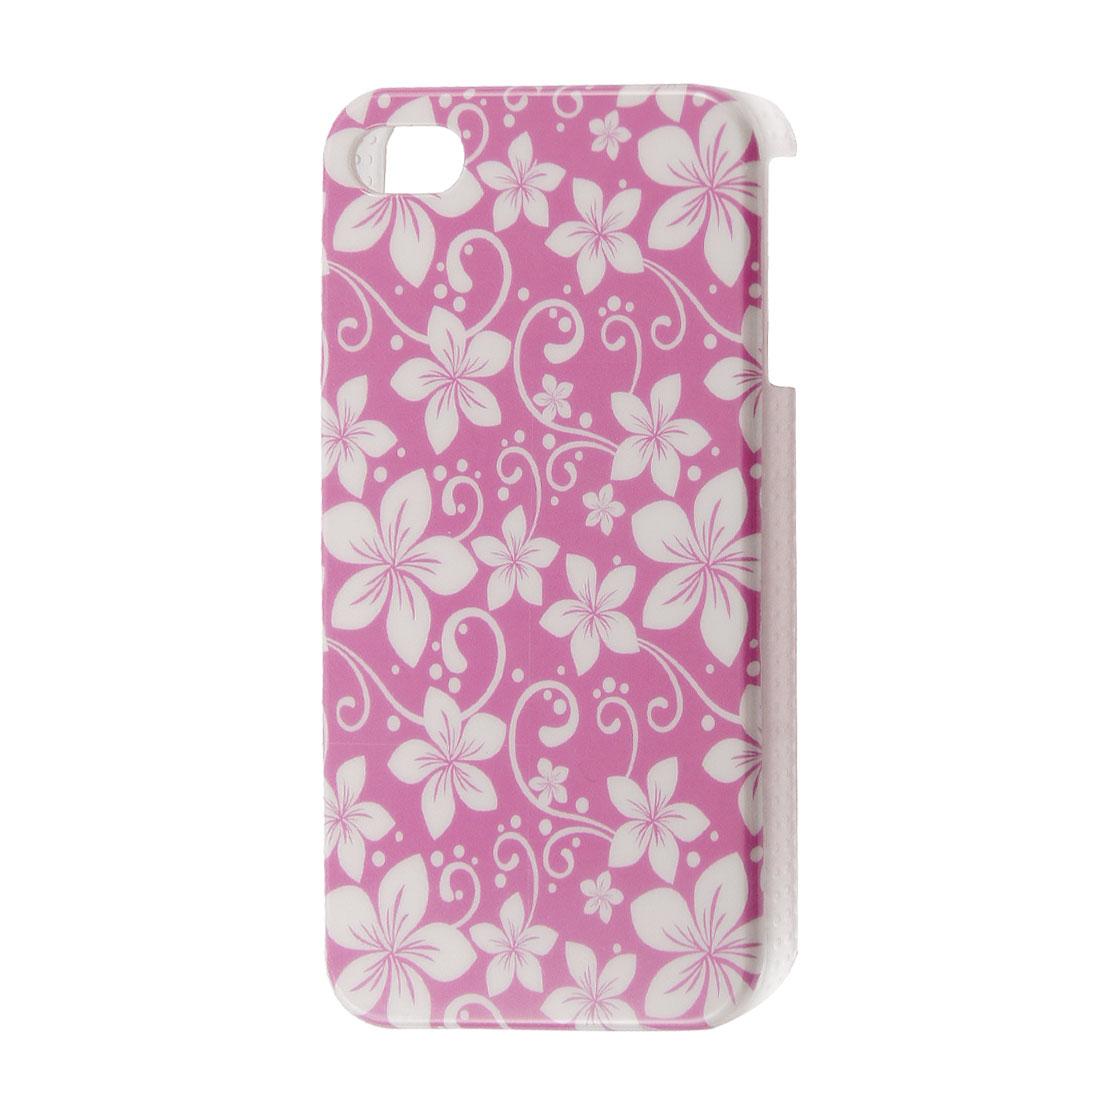 White Flower Pattern IMD Plastic Fuchsia Back Case for iPhone 4 4S 4GS